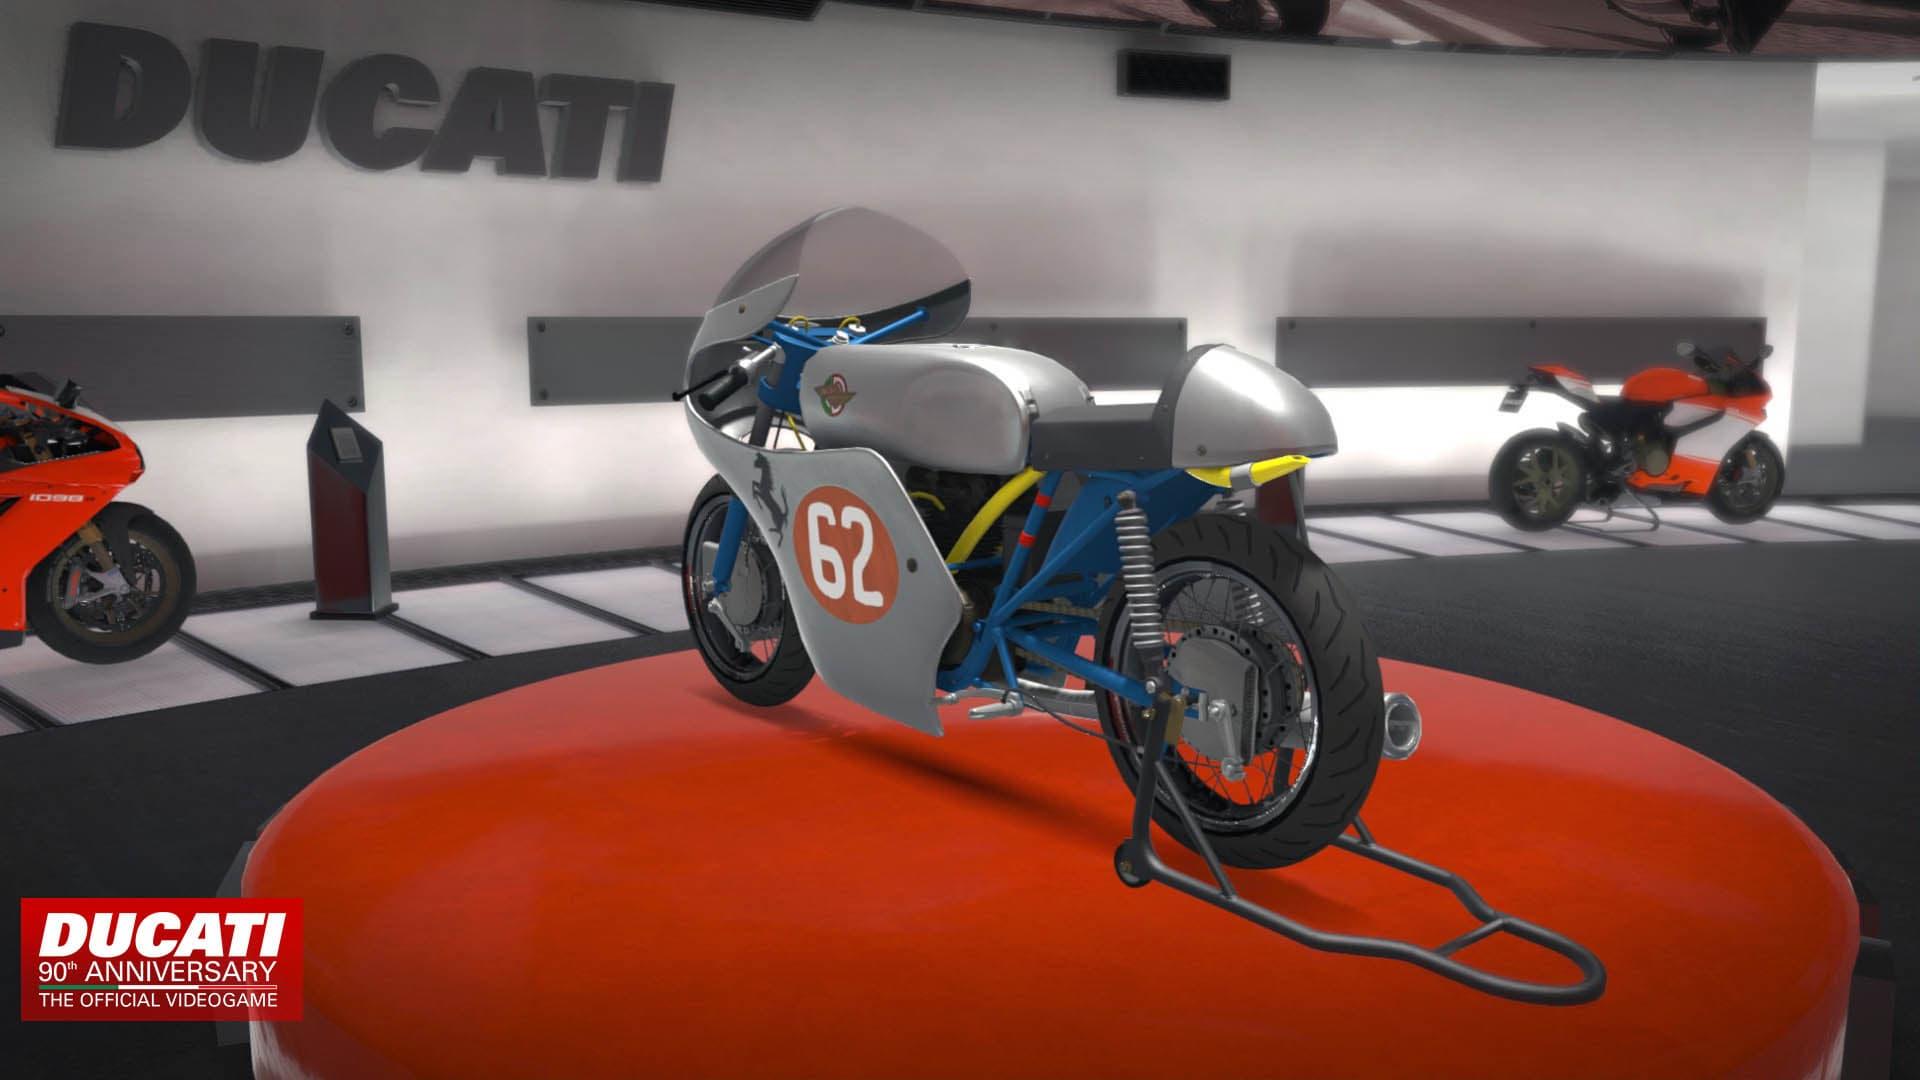 Ducati - 90th Anniversary - Image n°6